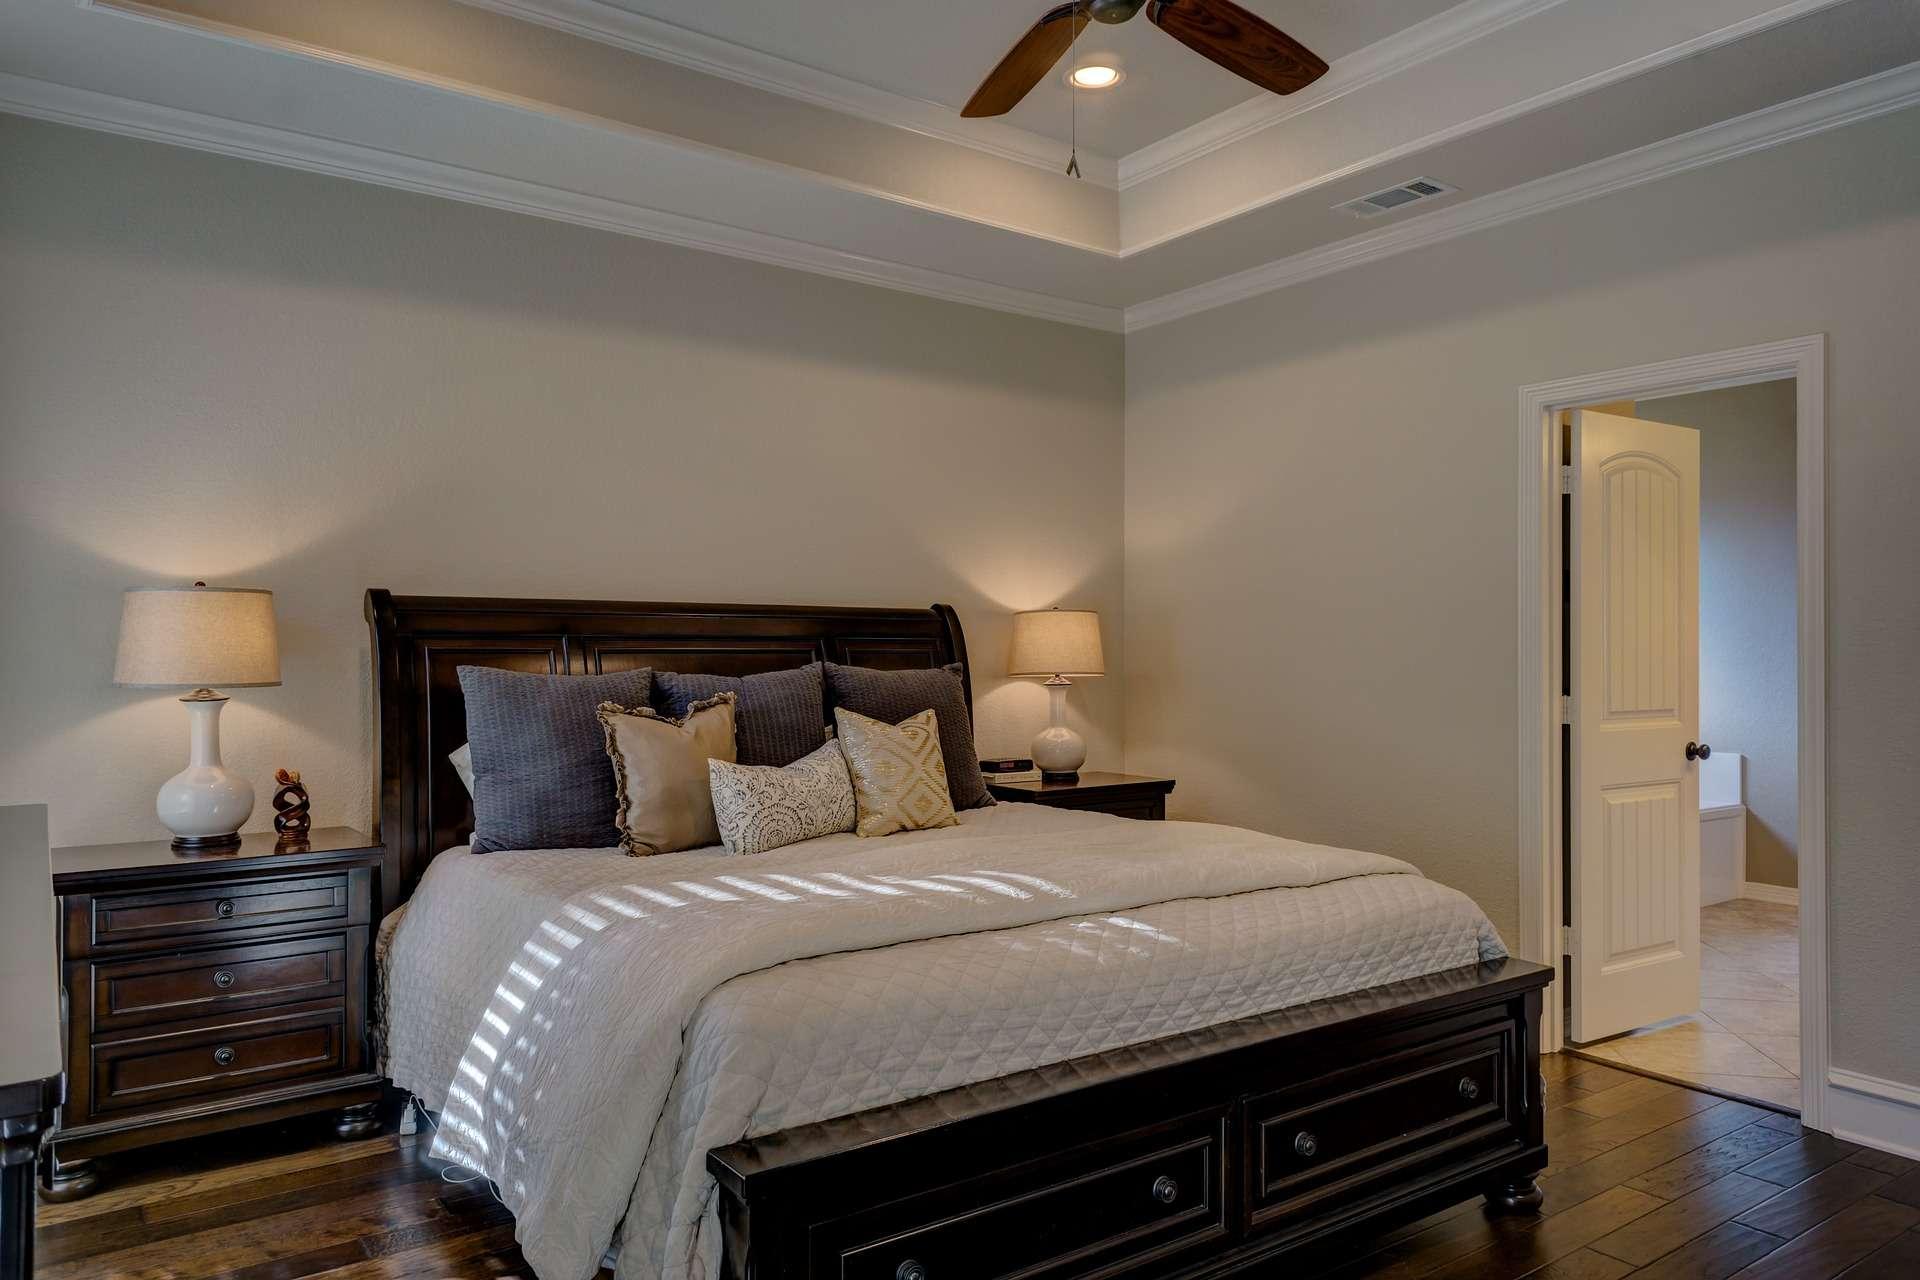 חדרי שינה – לא חייבים ללכת על בטוח